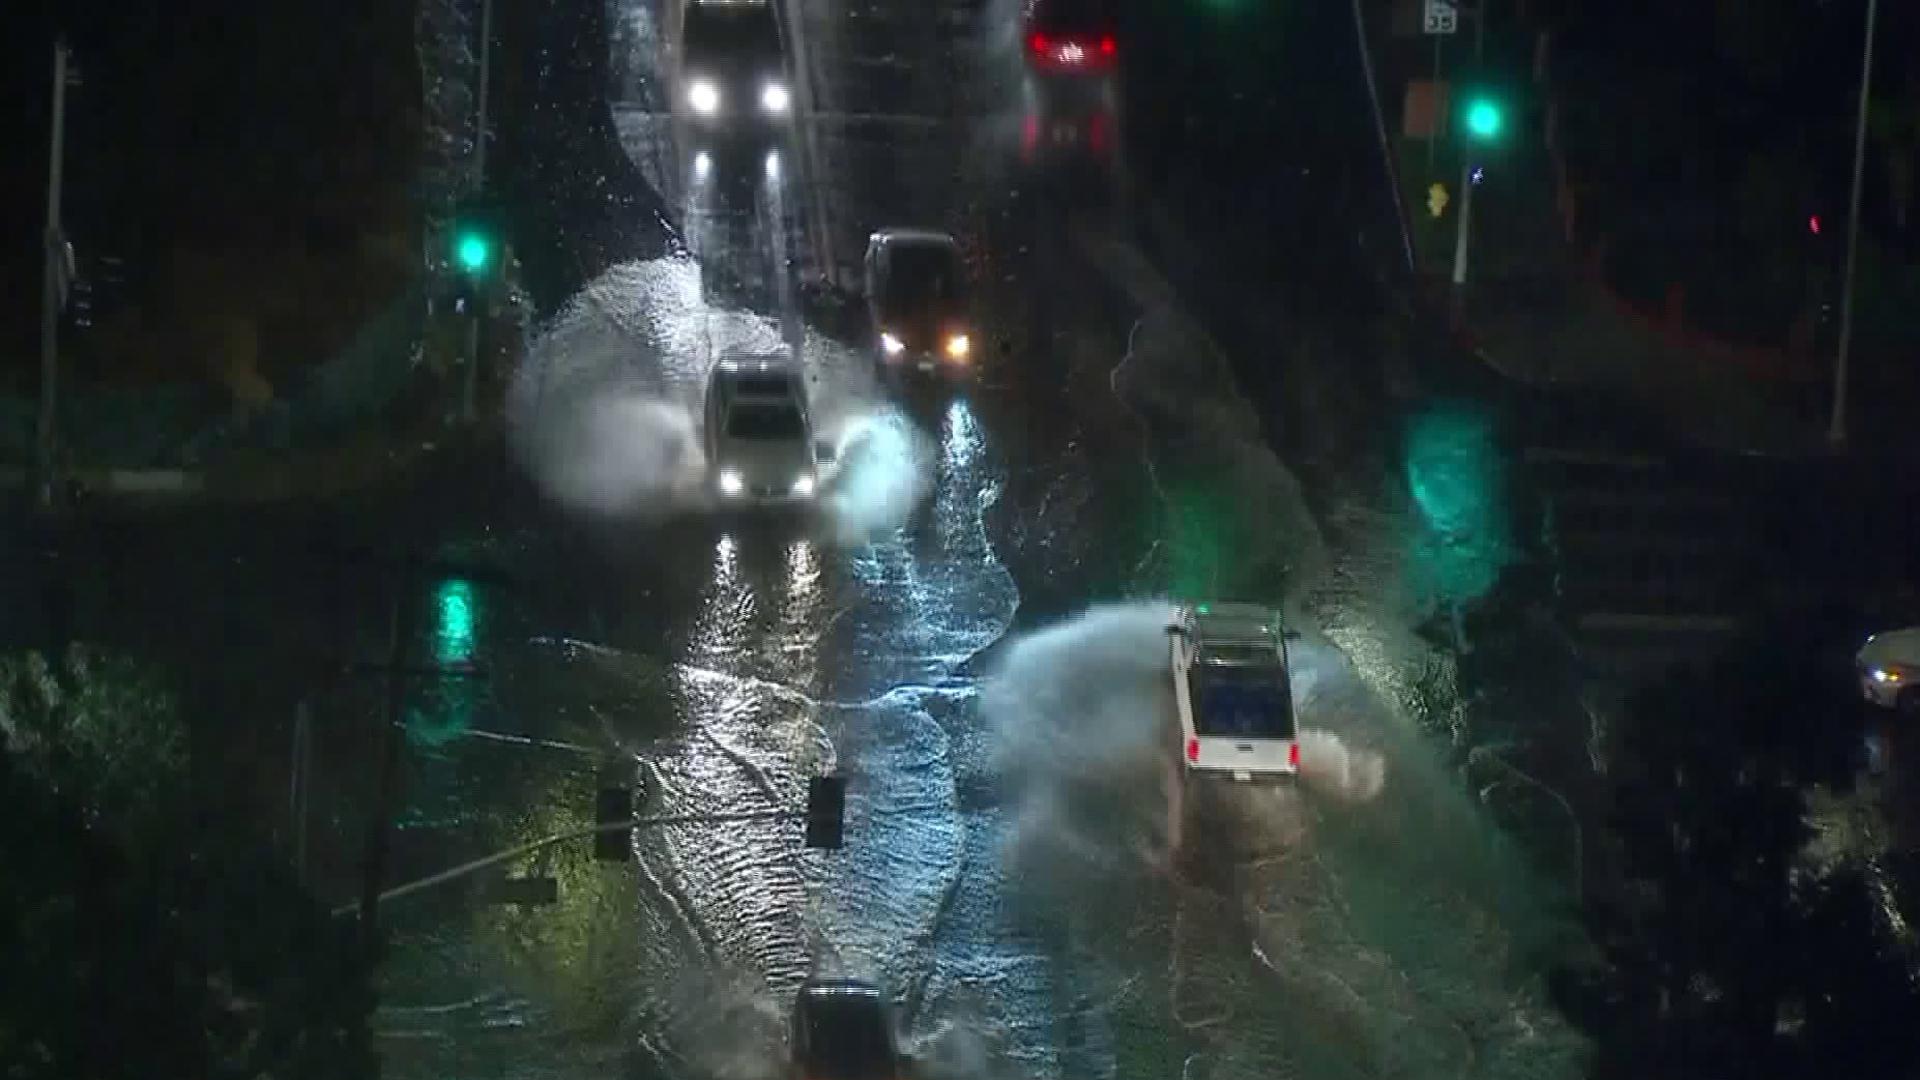 Rain flooded an intersection of Sun Valley on Jan. 8, 2018. (Credit: KTLA)